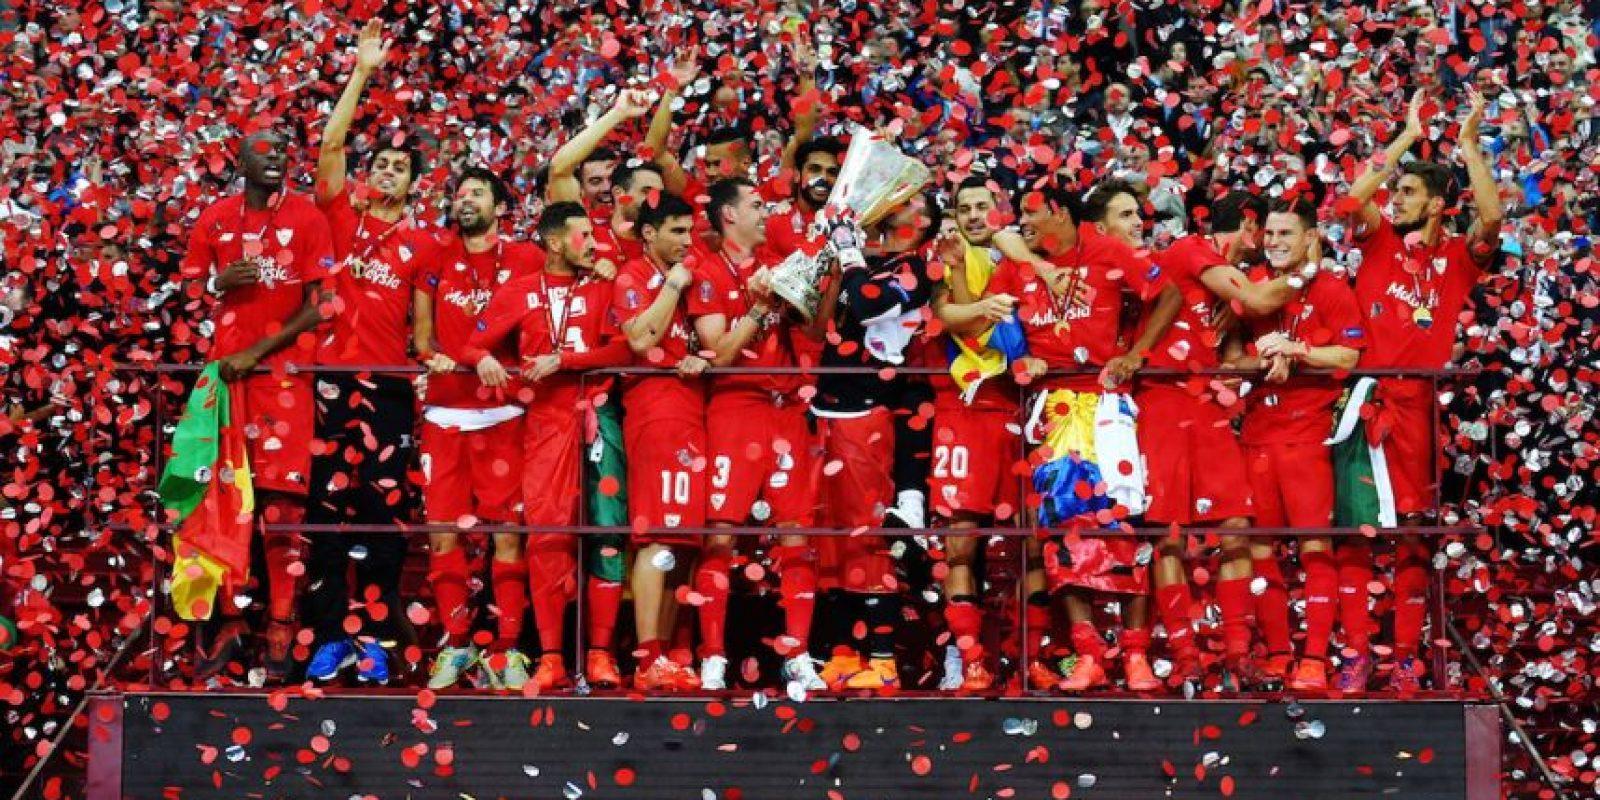 Nunca han ganado la Champions y tampoco han sido finalistas. Foto:Getty Images